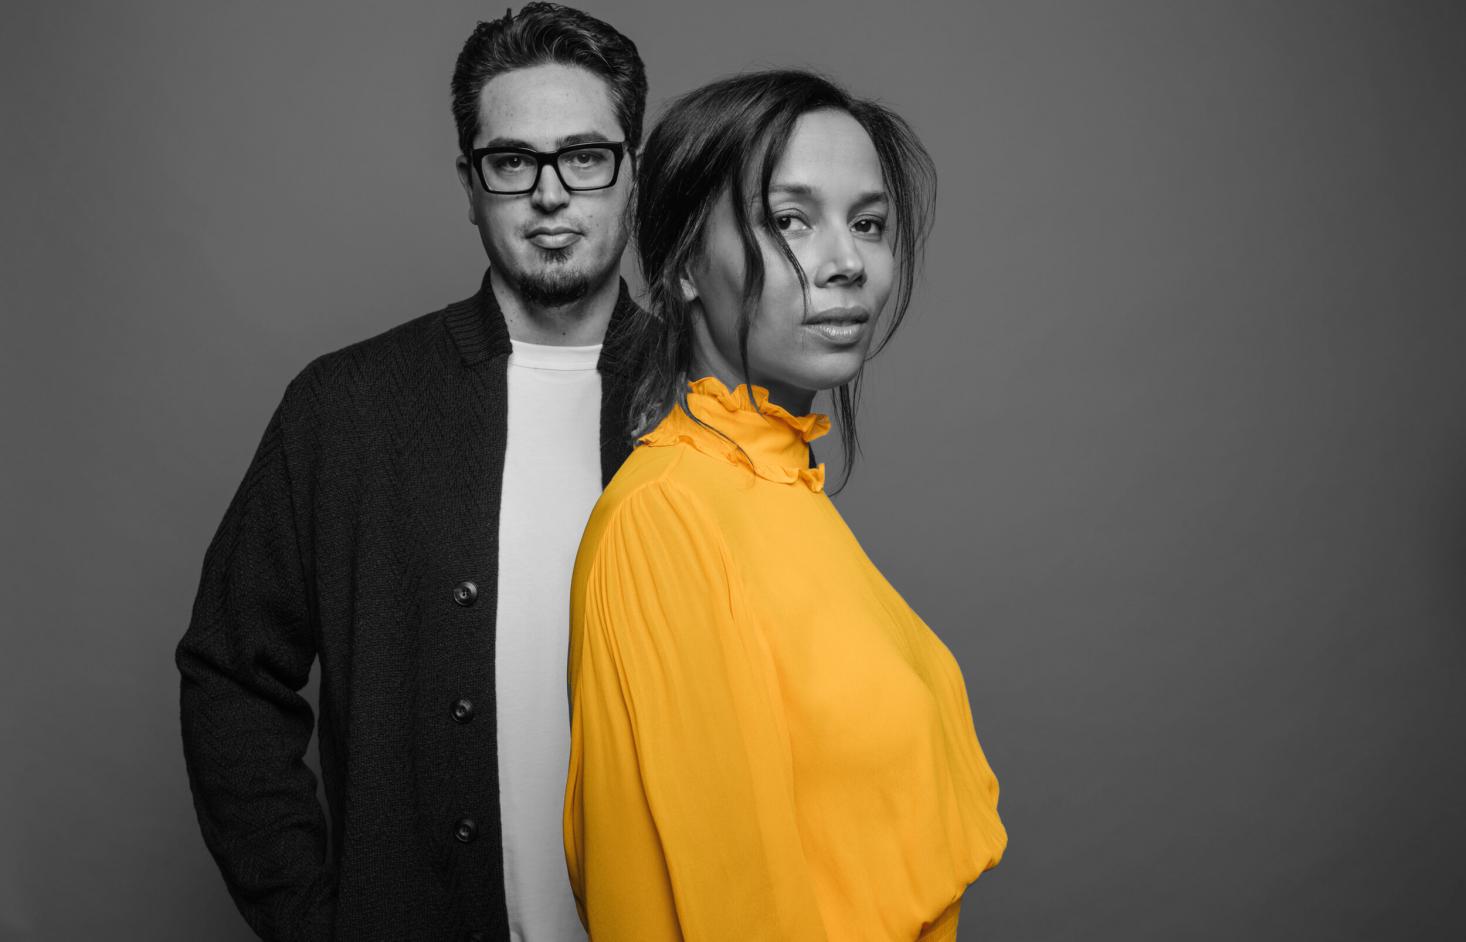 ALICE præsenterer americana-duoen Rhiannon Giddens & Francesco Turrisi i nye rammer på Musikhuset København